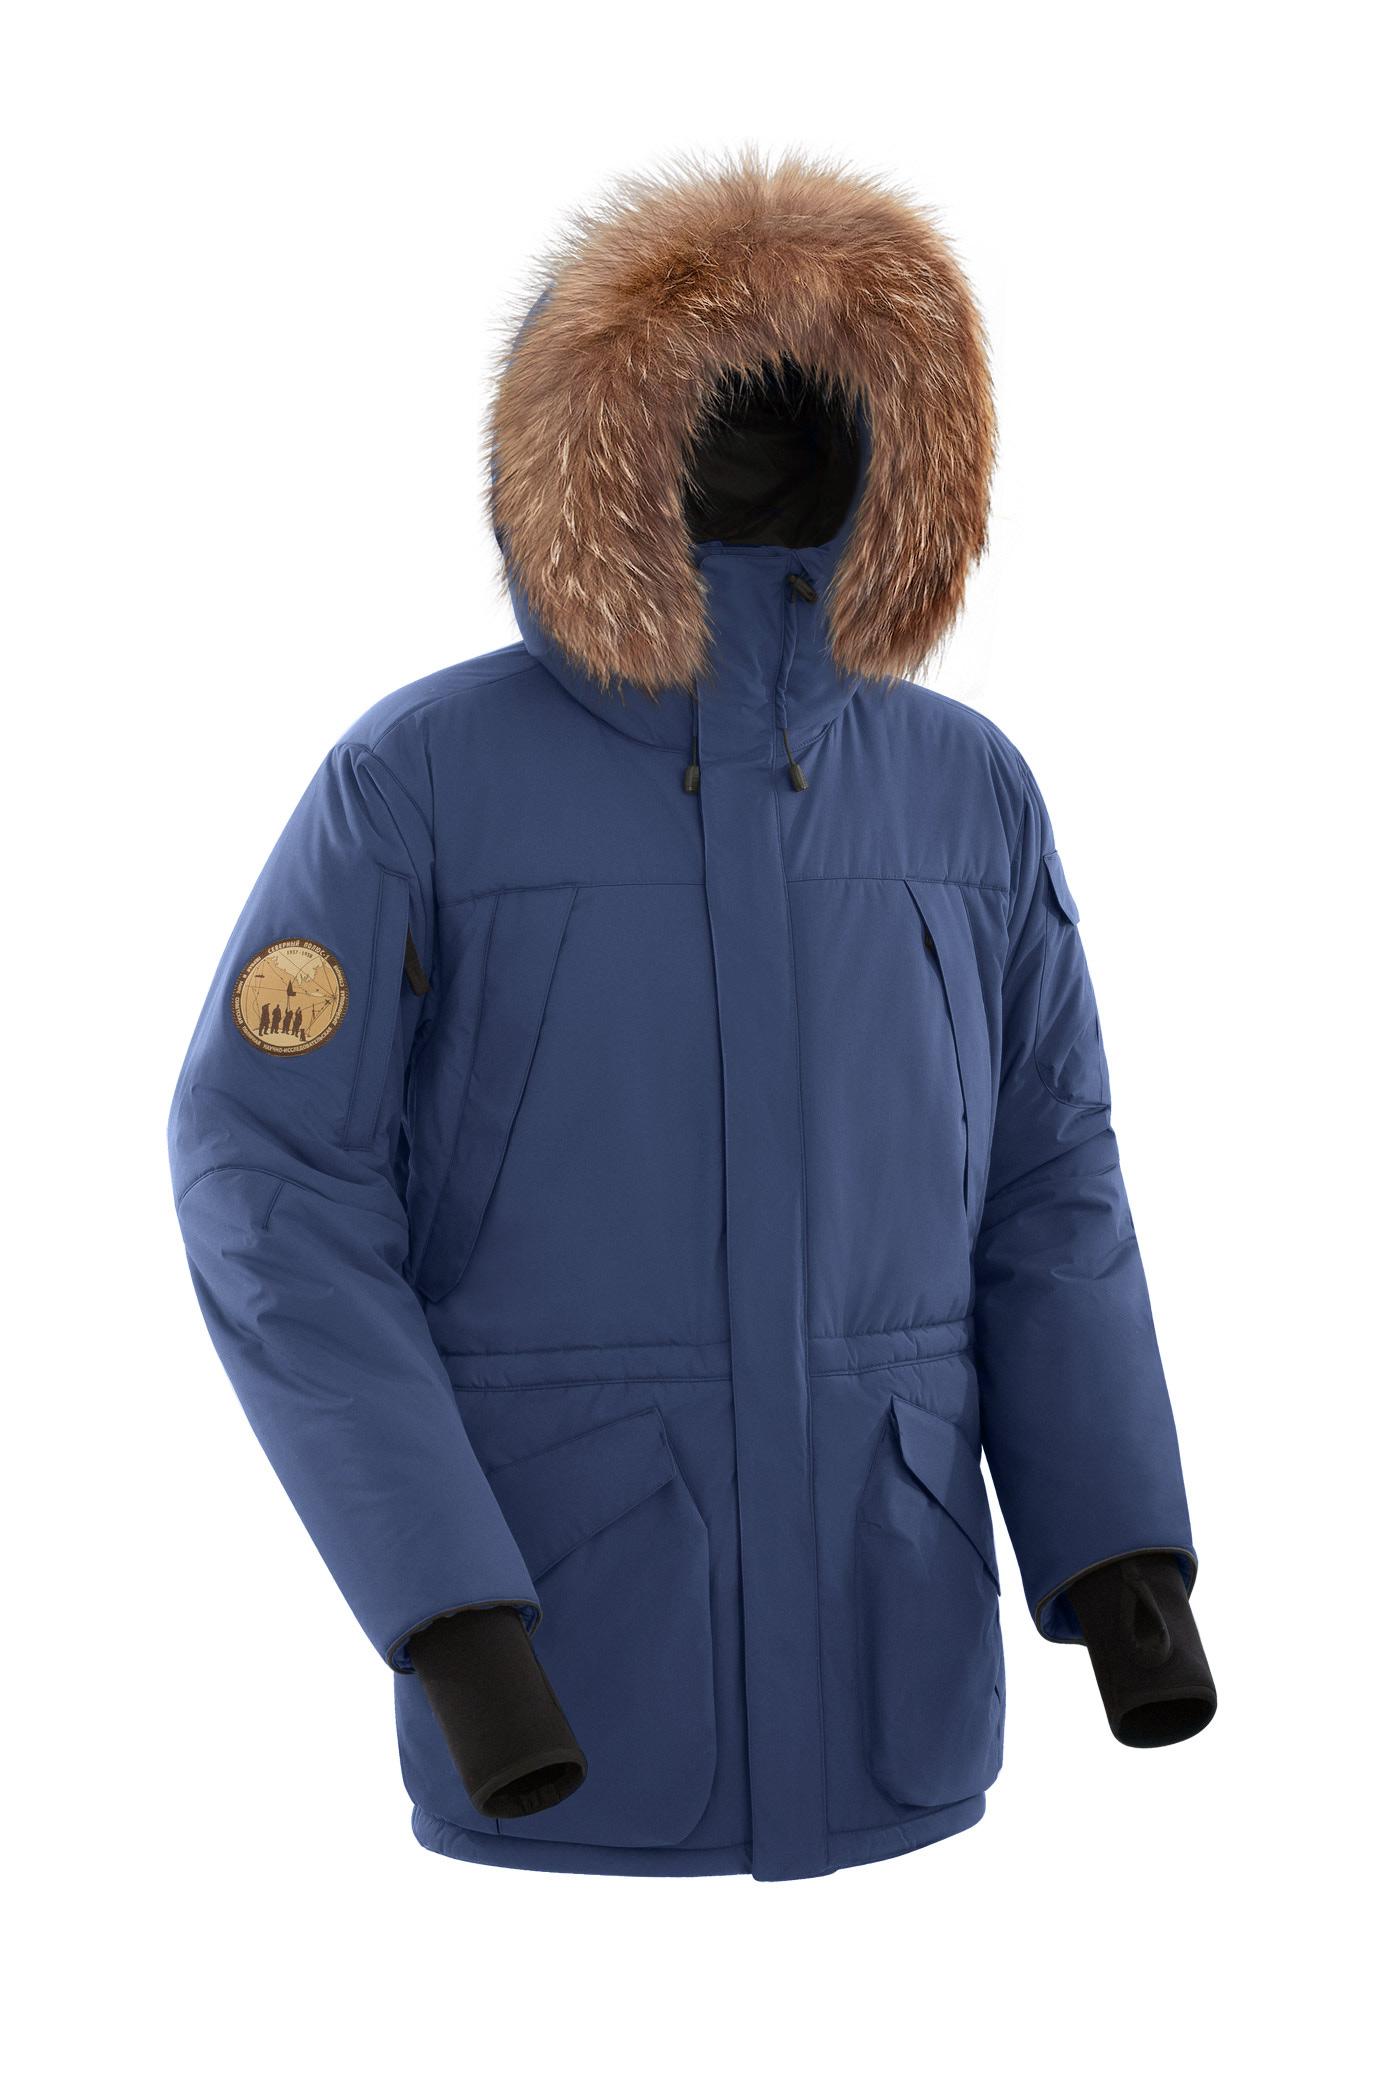 Купить Куртка Баск ANTARCTIC синяя тмн, Компания БАСК